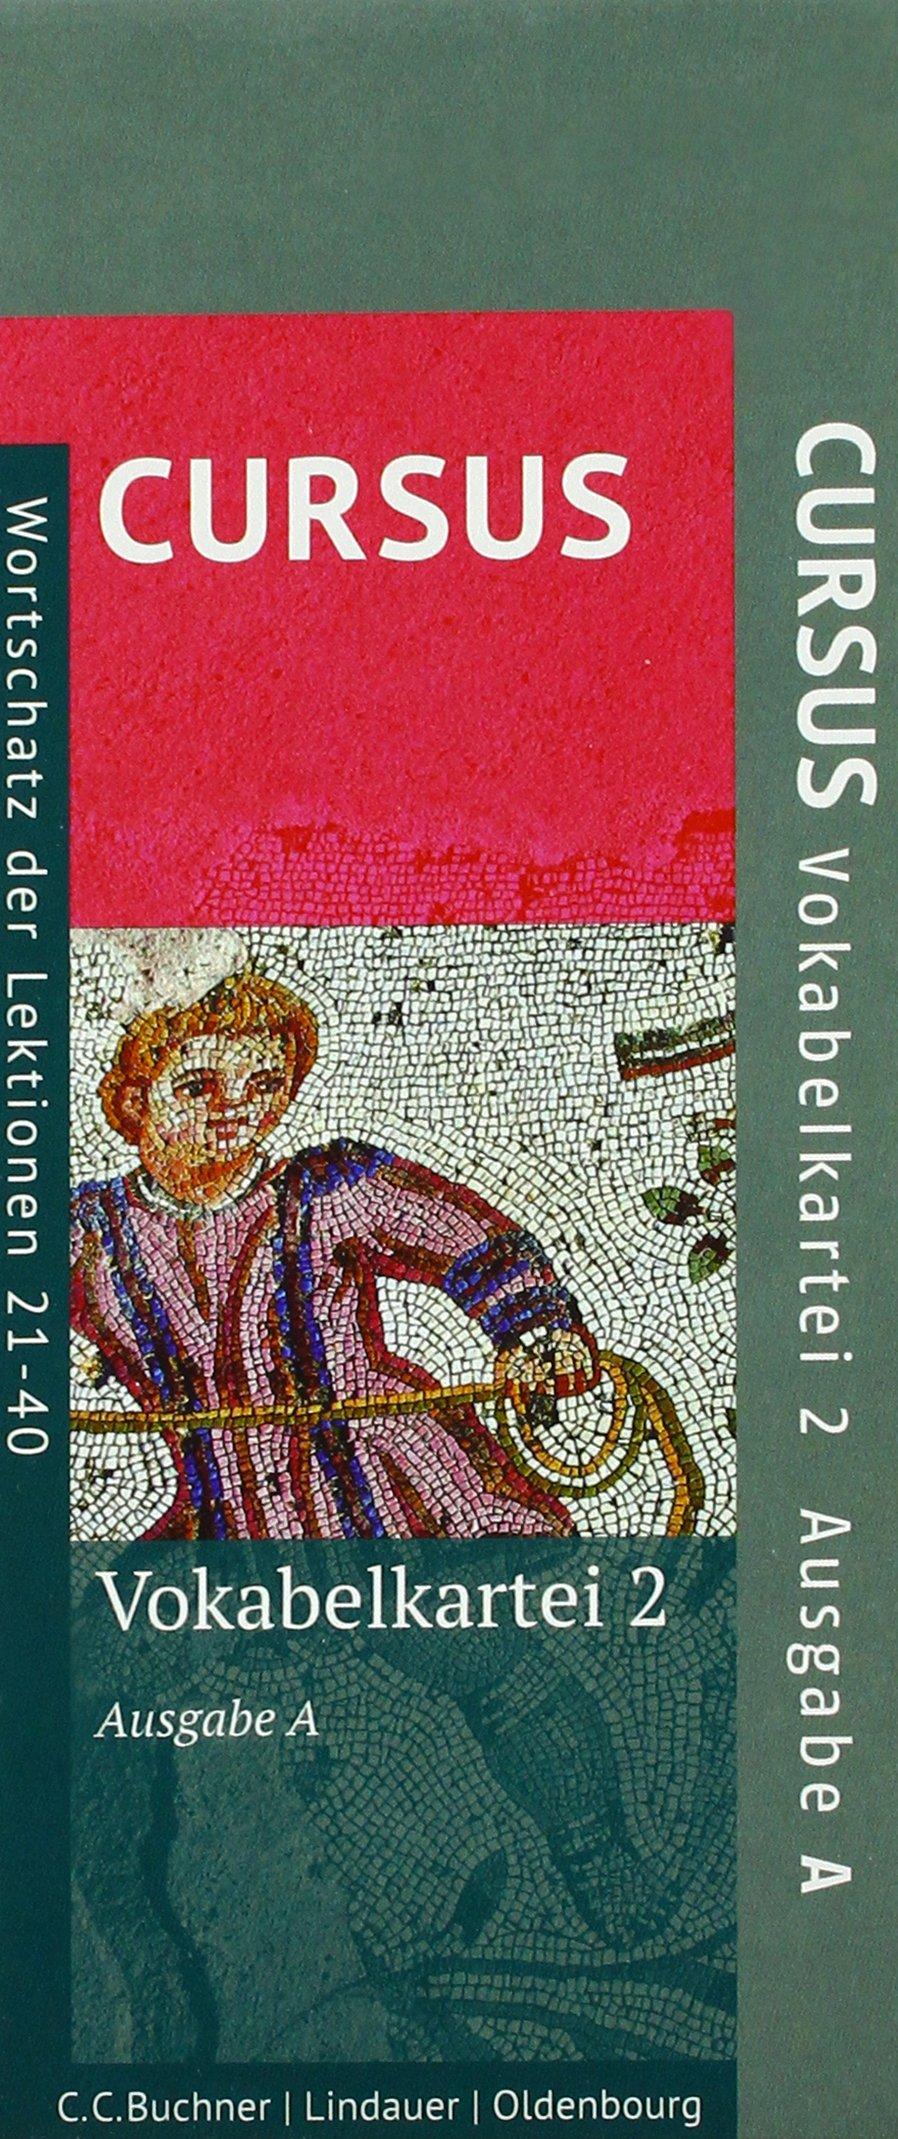 Cursus   Ausgabe A Latein Als 2. Fremdsprache  Vokabelkartei 2  Wortschatz Der Lektionen 21 40